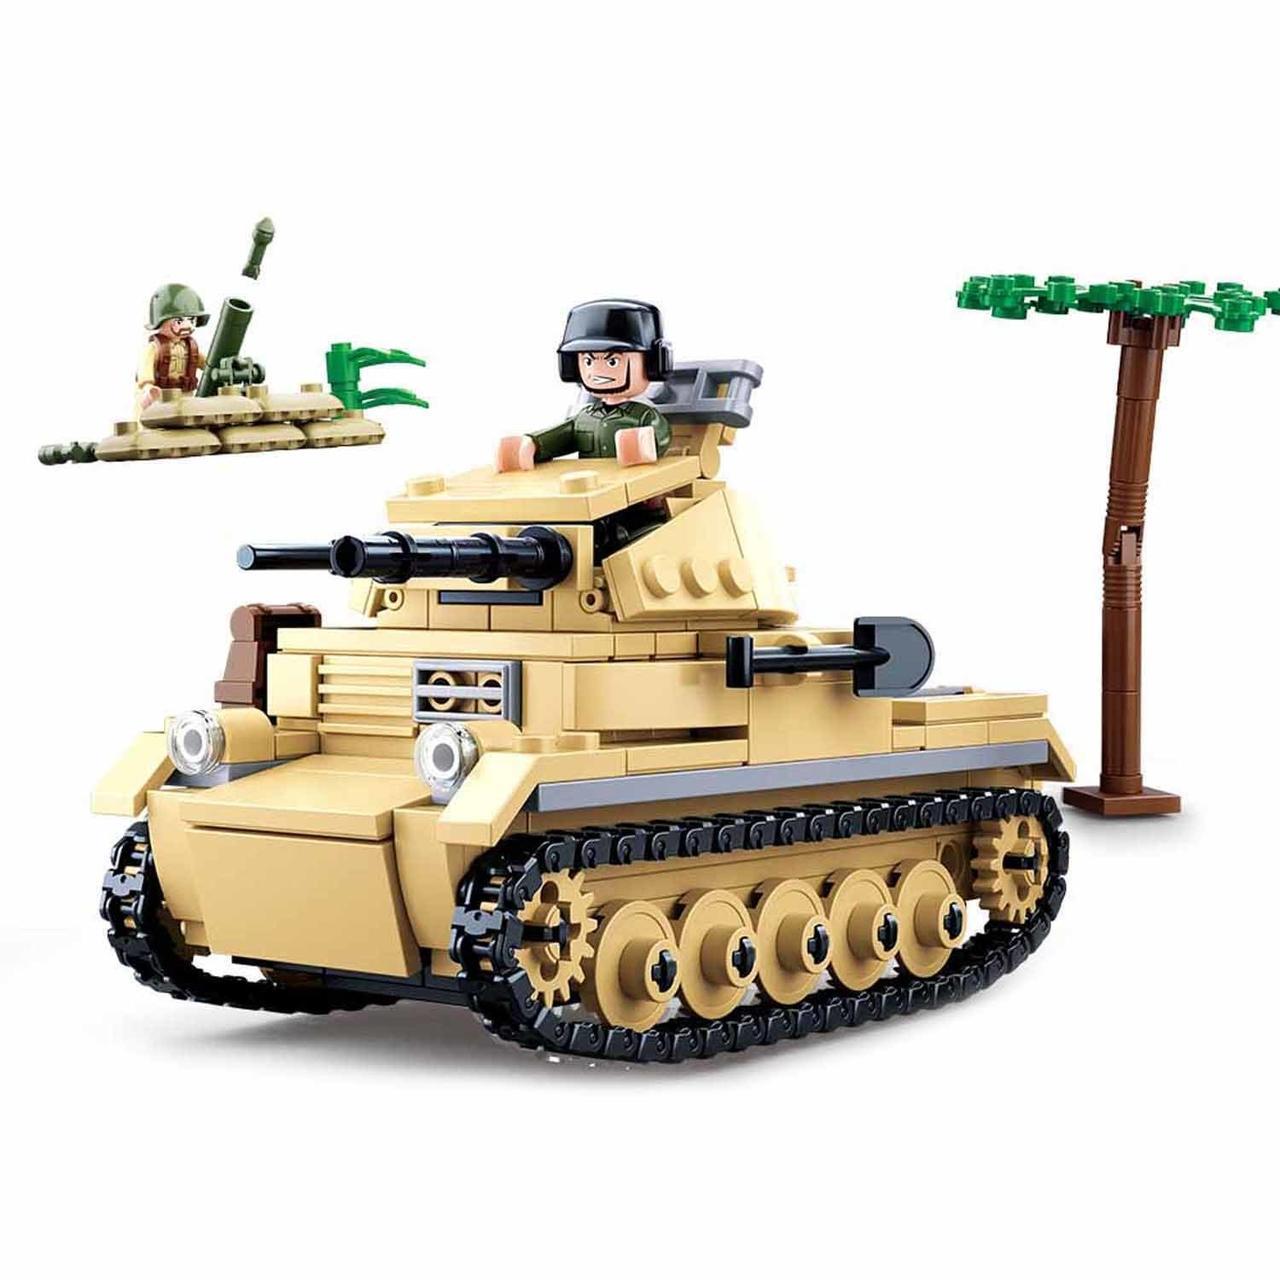 Конструктор SLUBAN Танк, M38-B0691, 356 деталей